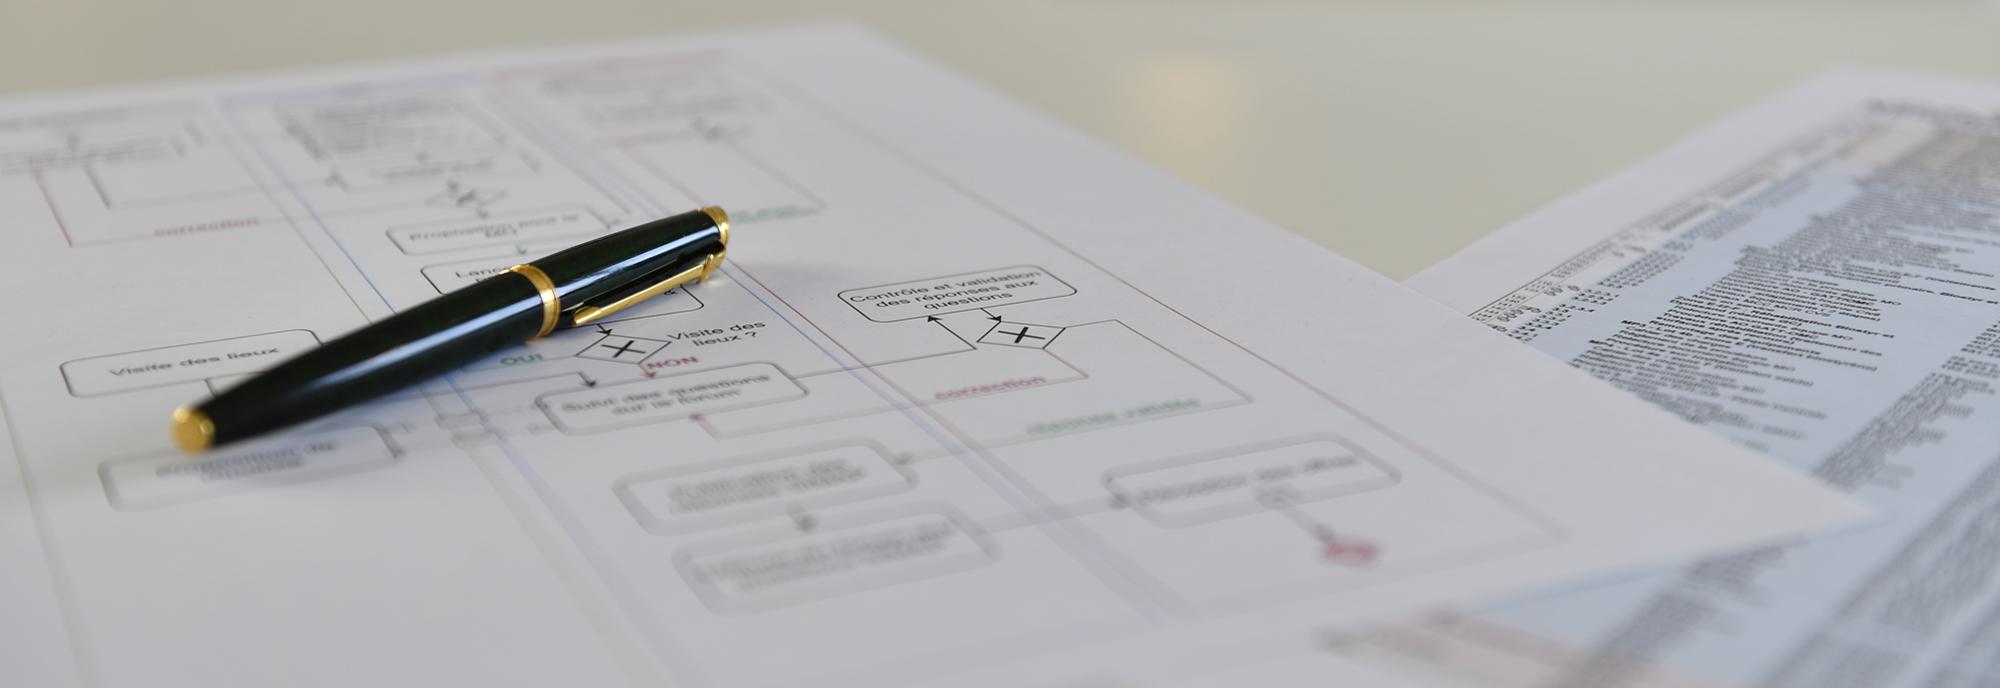 système de management de la qualité, mch consultants, bureau ingénieurs conseils, ingénierie, Rivaz, Suisse